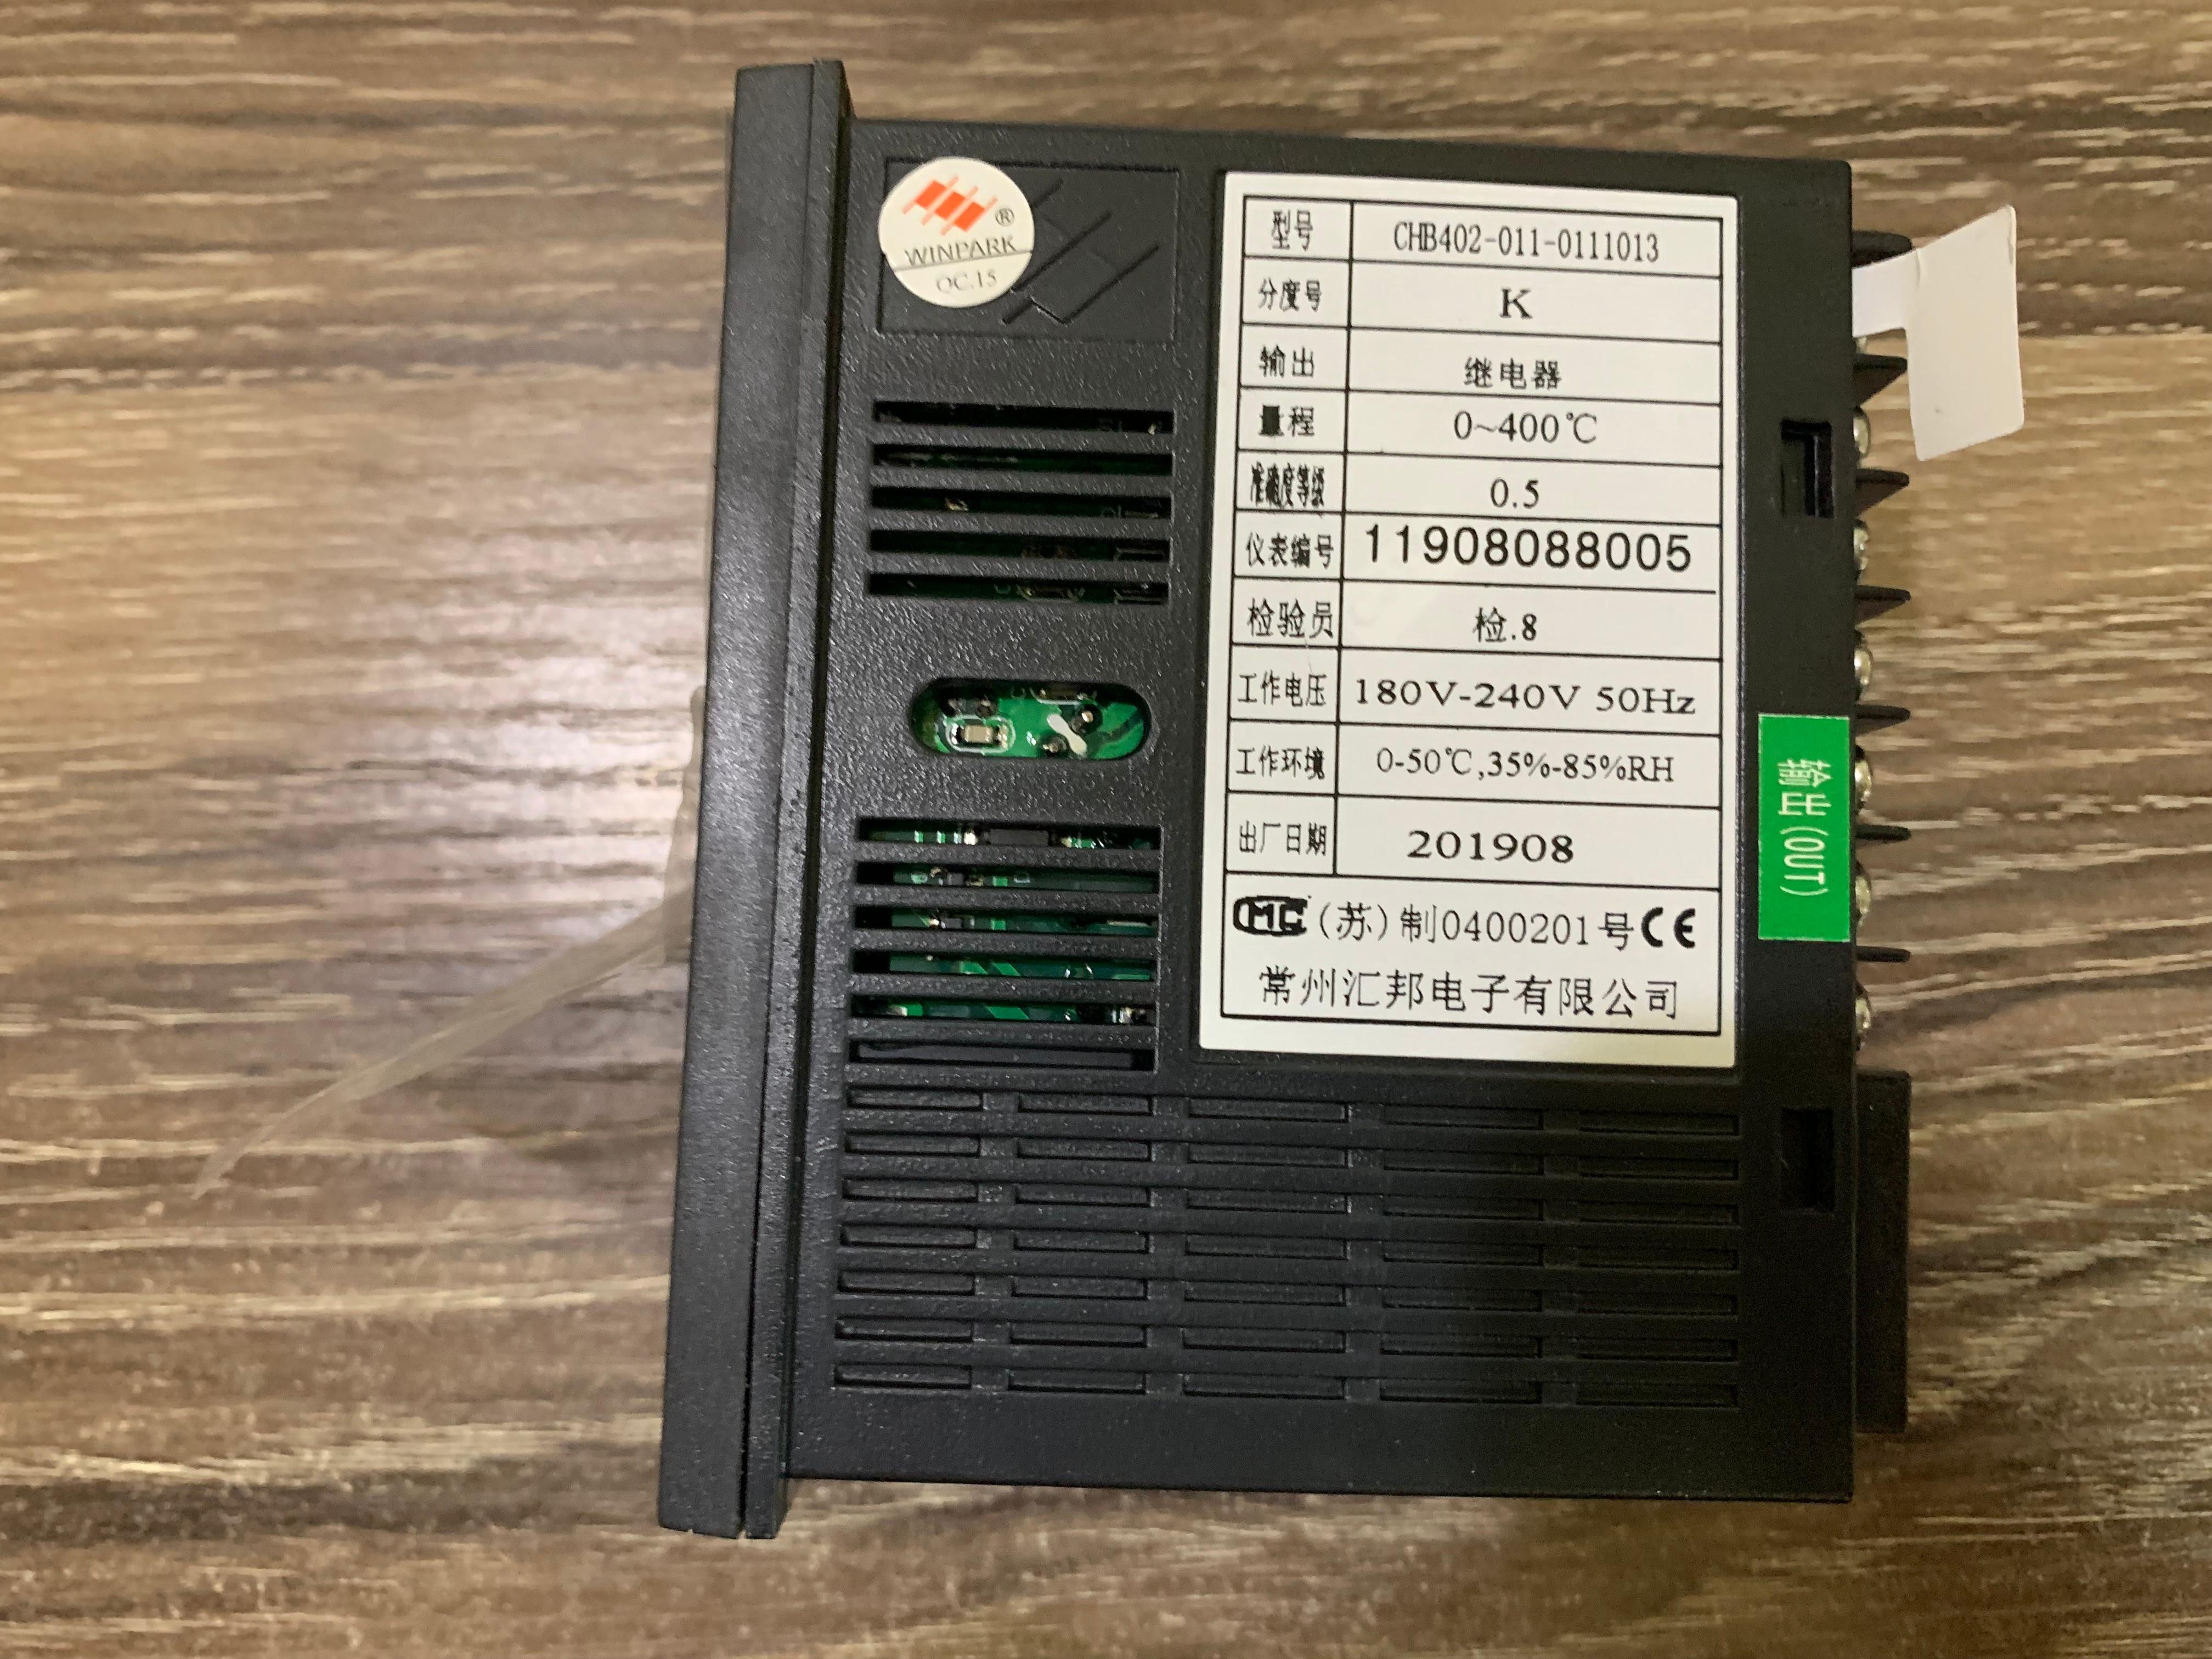 WINPARK CHB402 išmanusis termostatas Huibang CHB402-011-0111013 naujas originalas